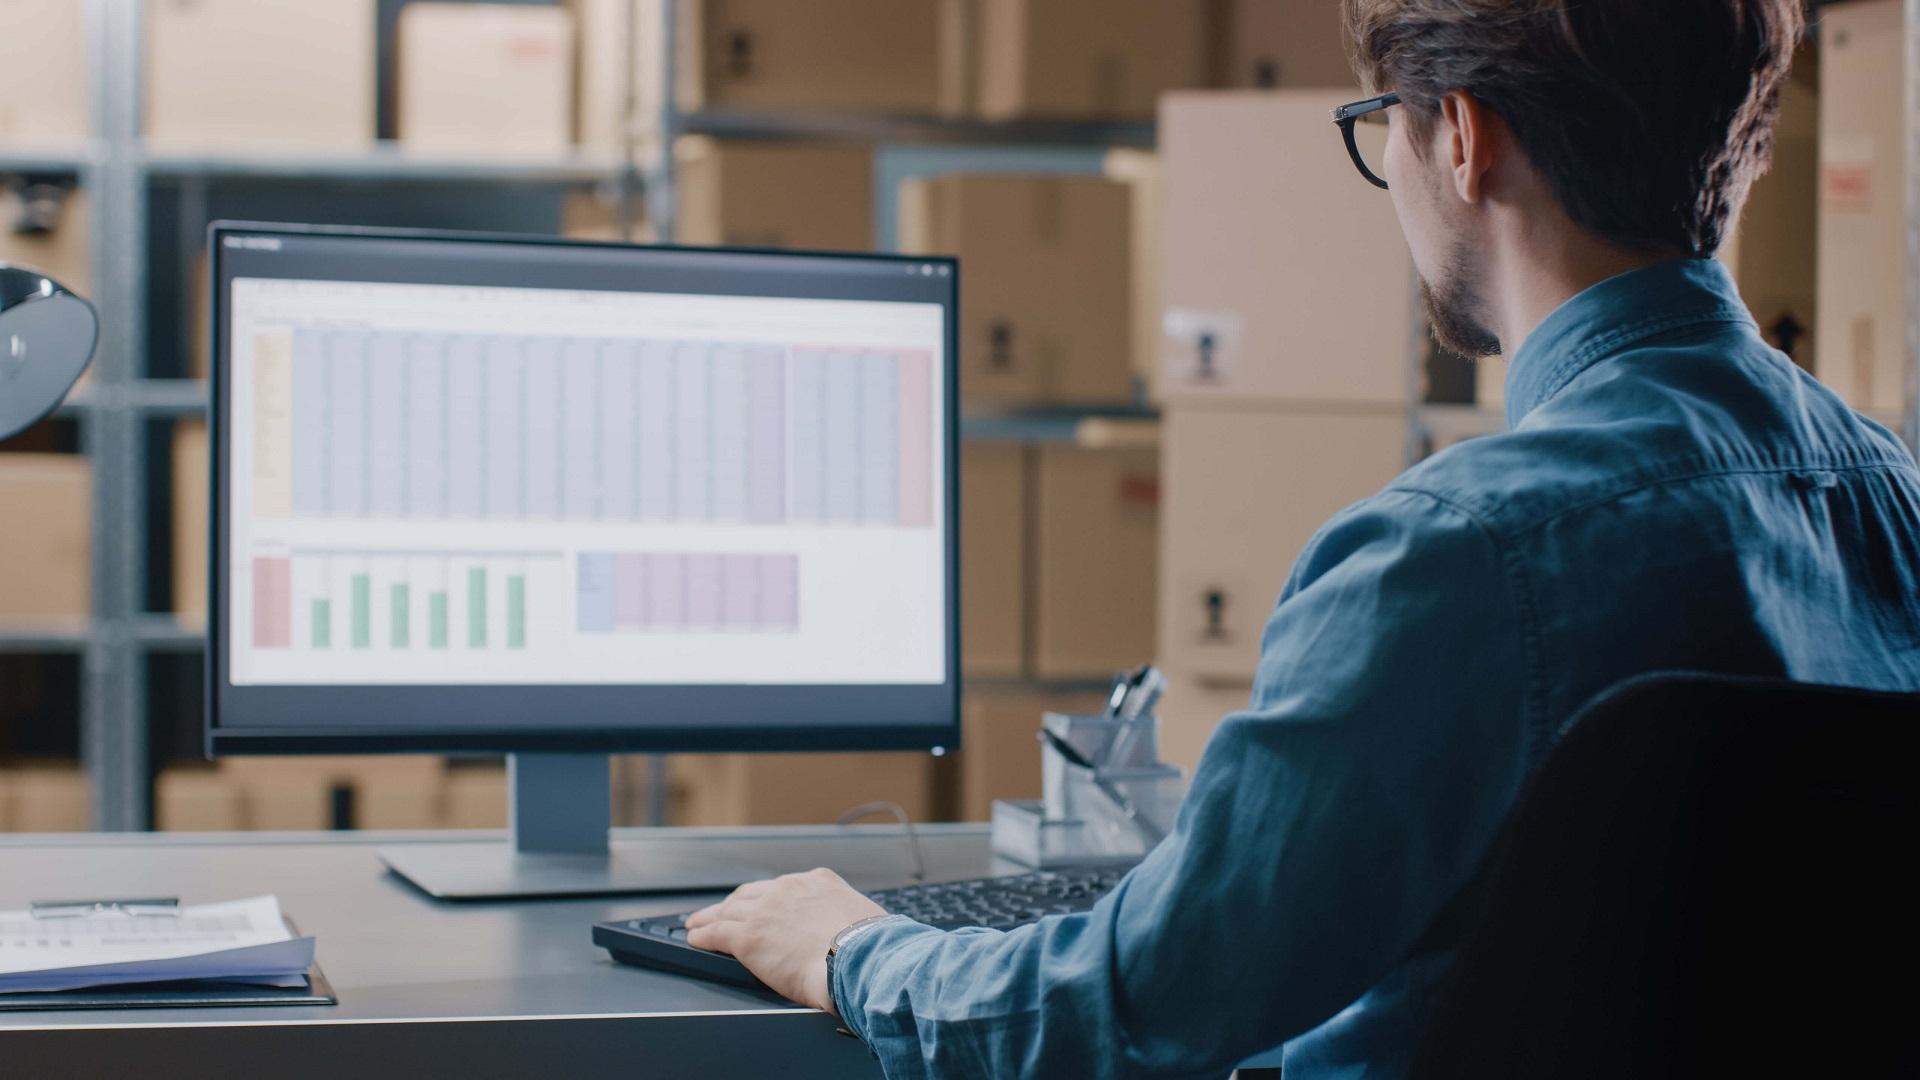 Mann arbeitet am Bildschirm